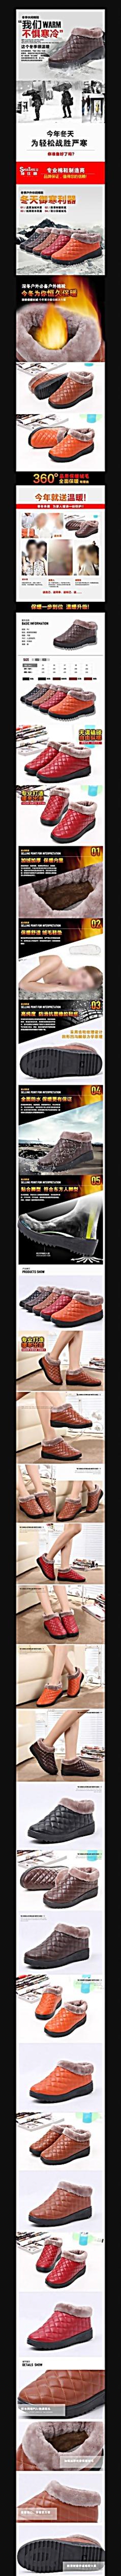 淘宝休闲棉鞋详情页描述PSD设计模板